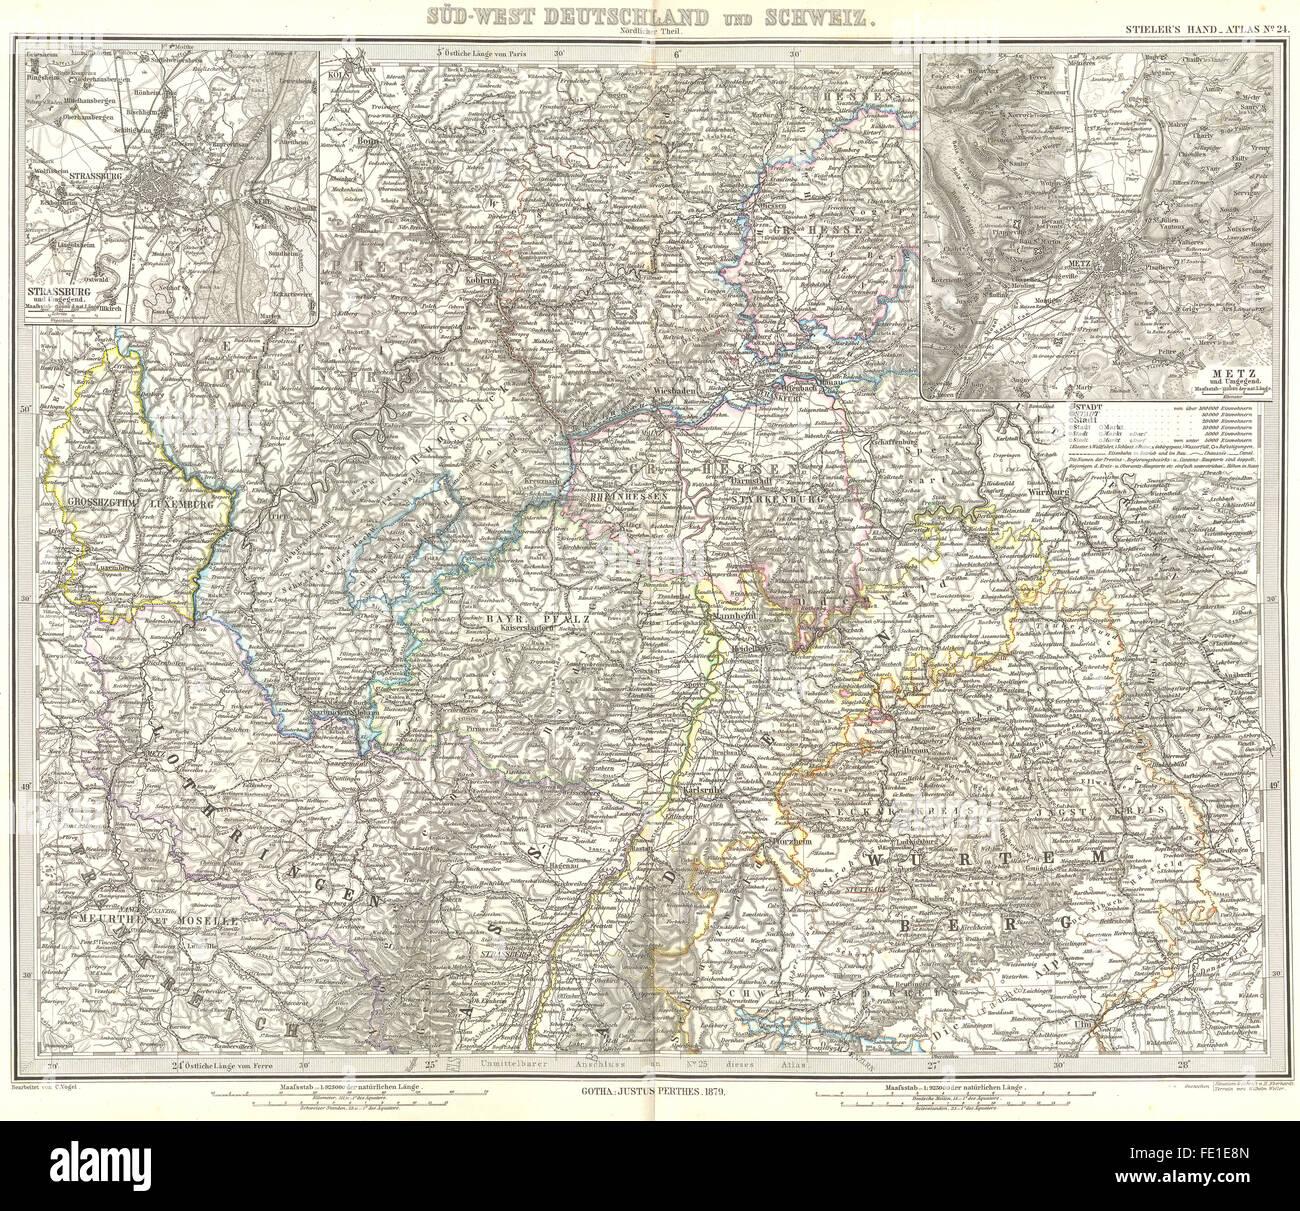 GERMANY: Deutschland Schweiz; Strasbourg; Metz, 1879 antique map ...